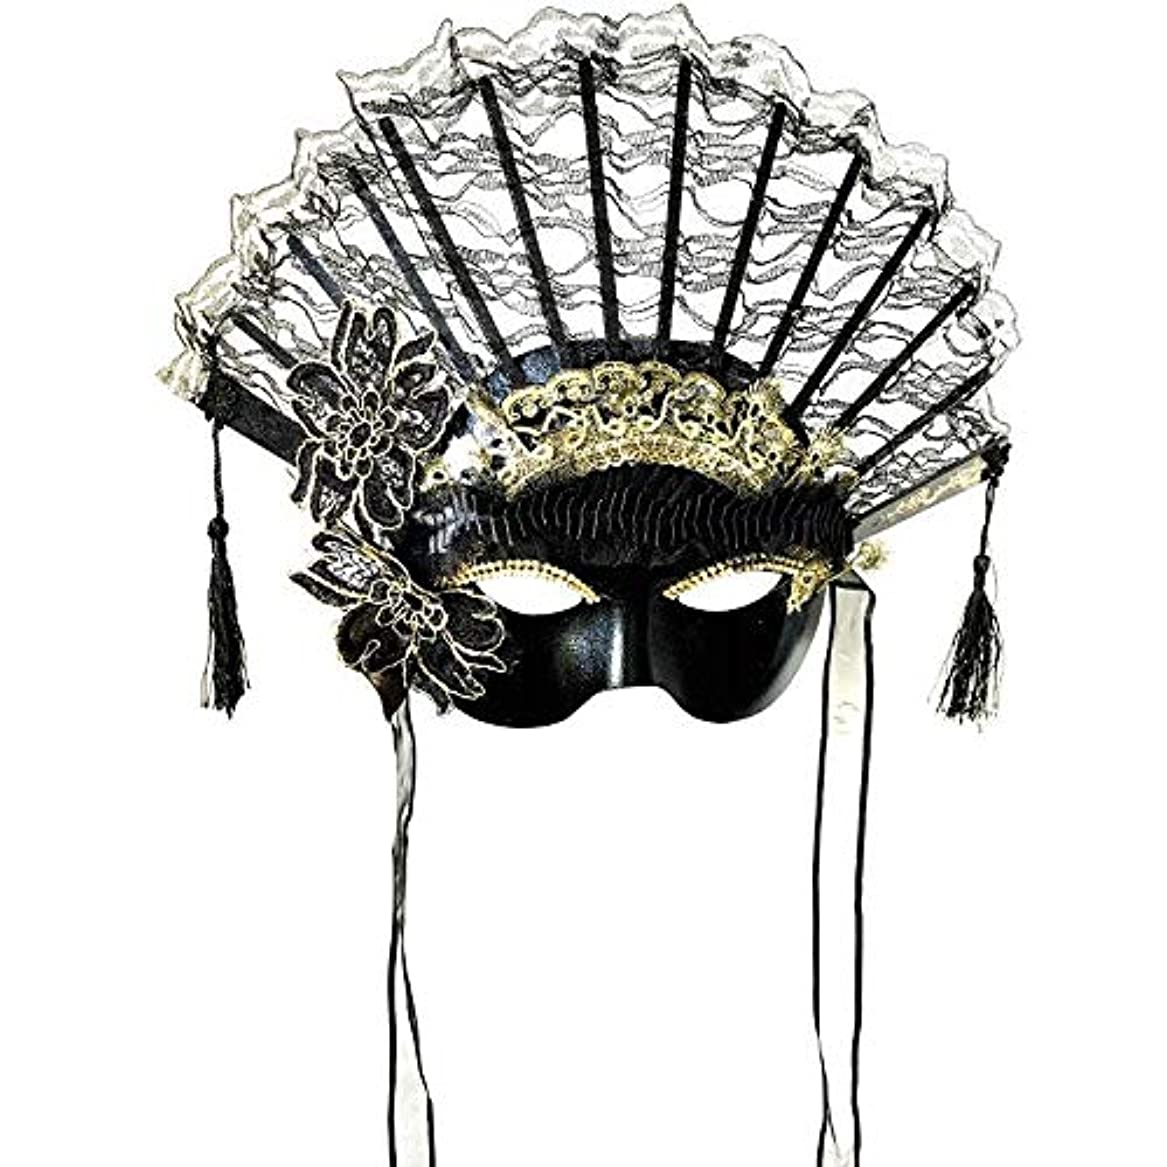 君主制ソブリケット飼料Nanle ハロウィンクリスマスレースファンシェイプフラワーフリンジビーズマスク仮装マスクレディミスプリンセス美容祭パーティーデコレーションマスク (色 : Black B)